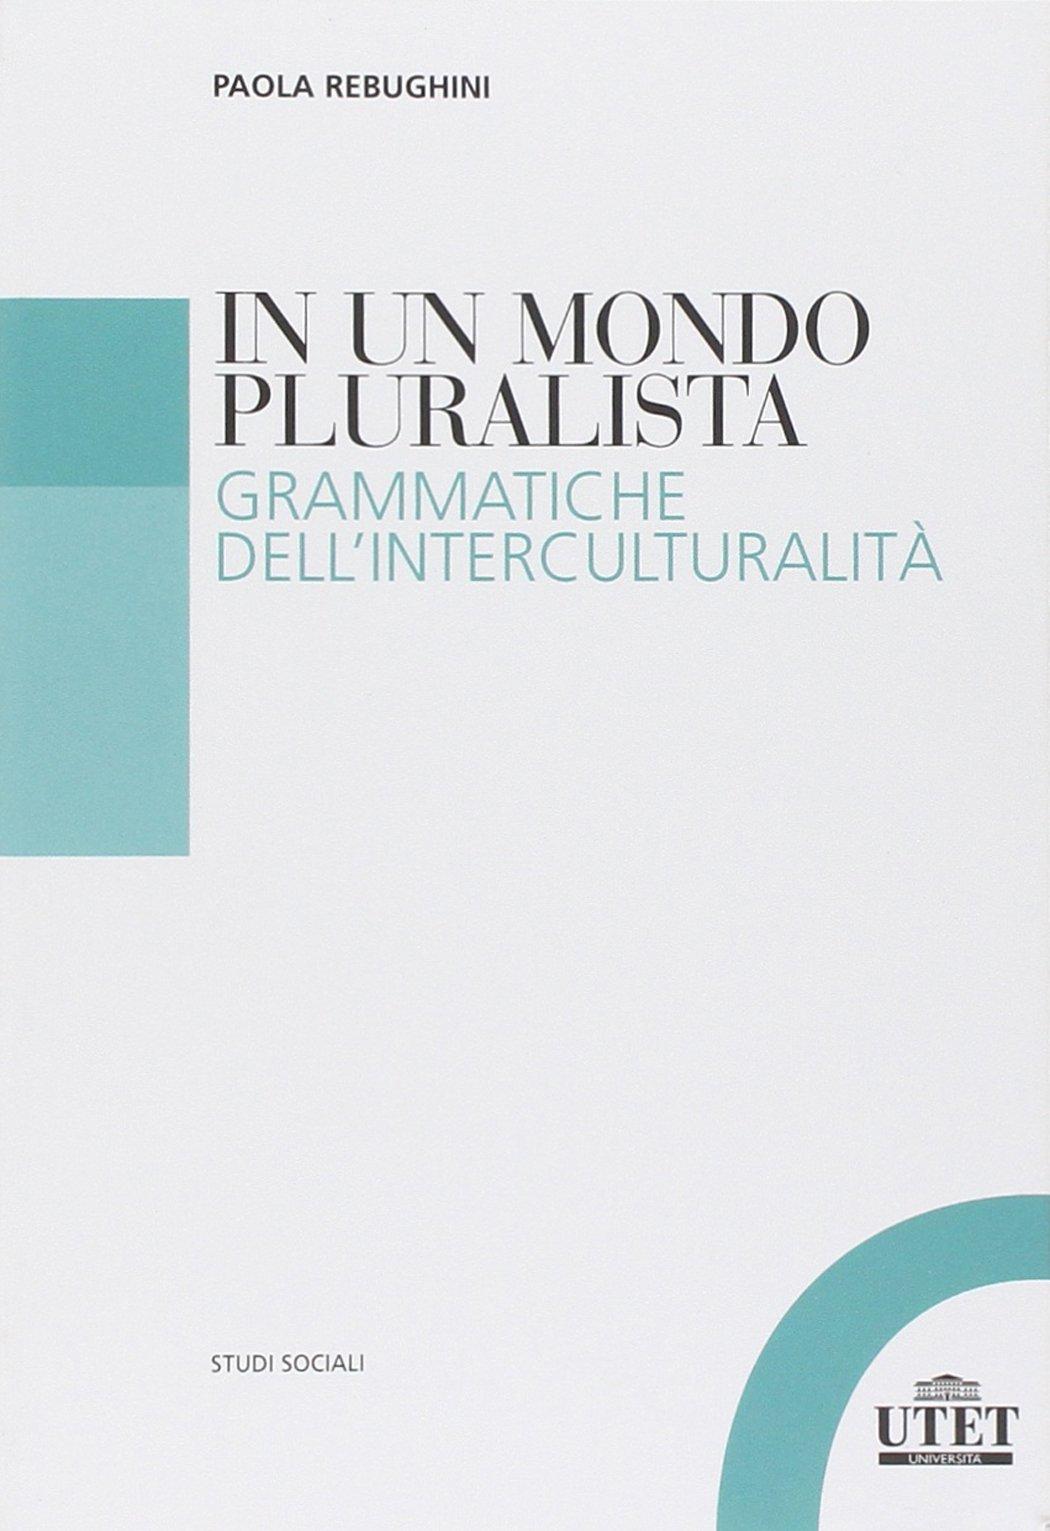 In un mondo pluralista